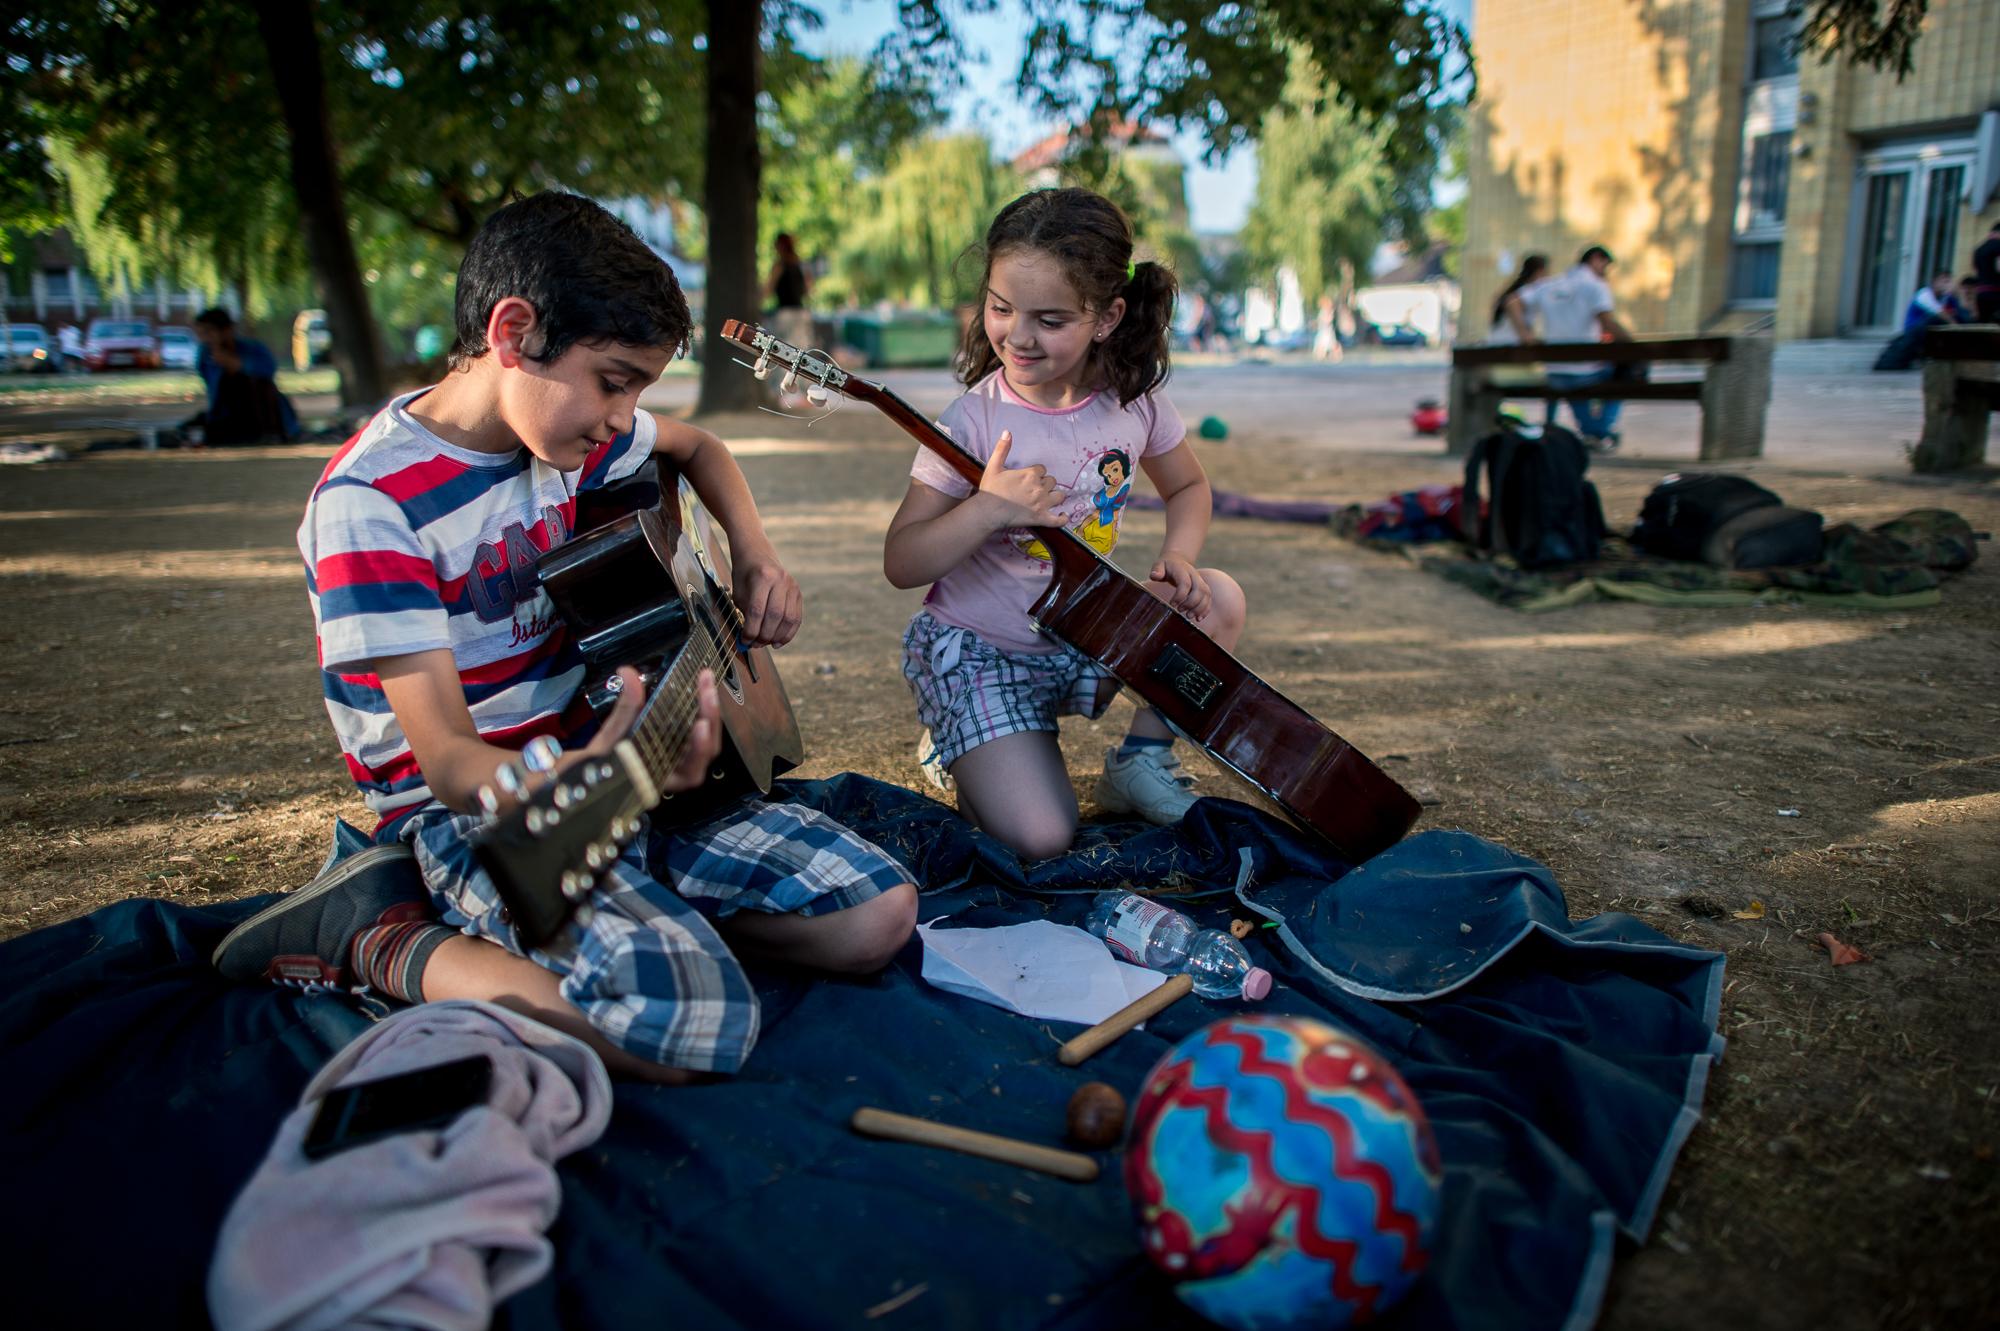 Szír menekült fiatalok zenélnek a civilek által működő várakozó helyen a pécsi vasútállomás mellett 2015. augusztus 31-én.